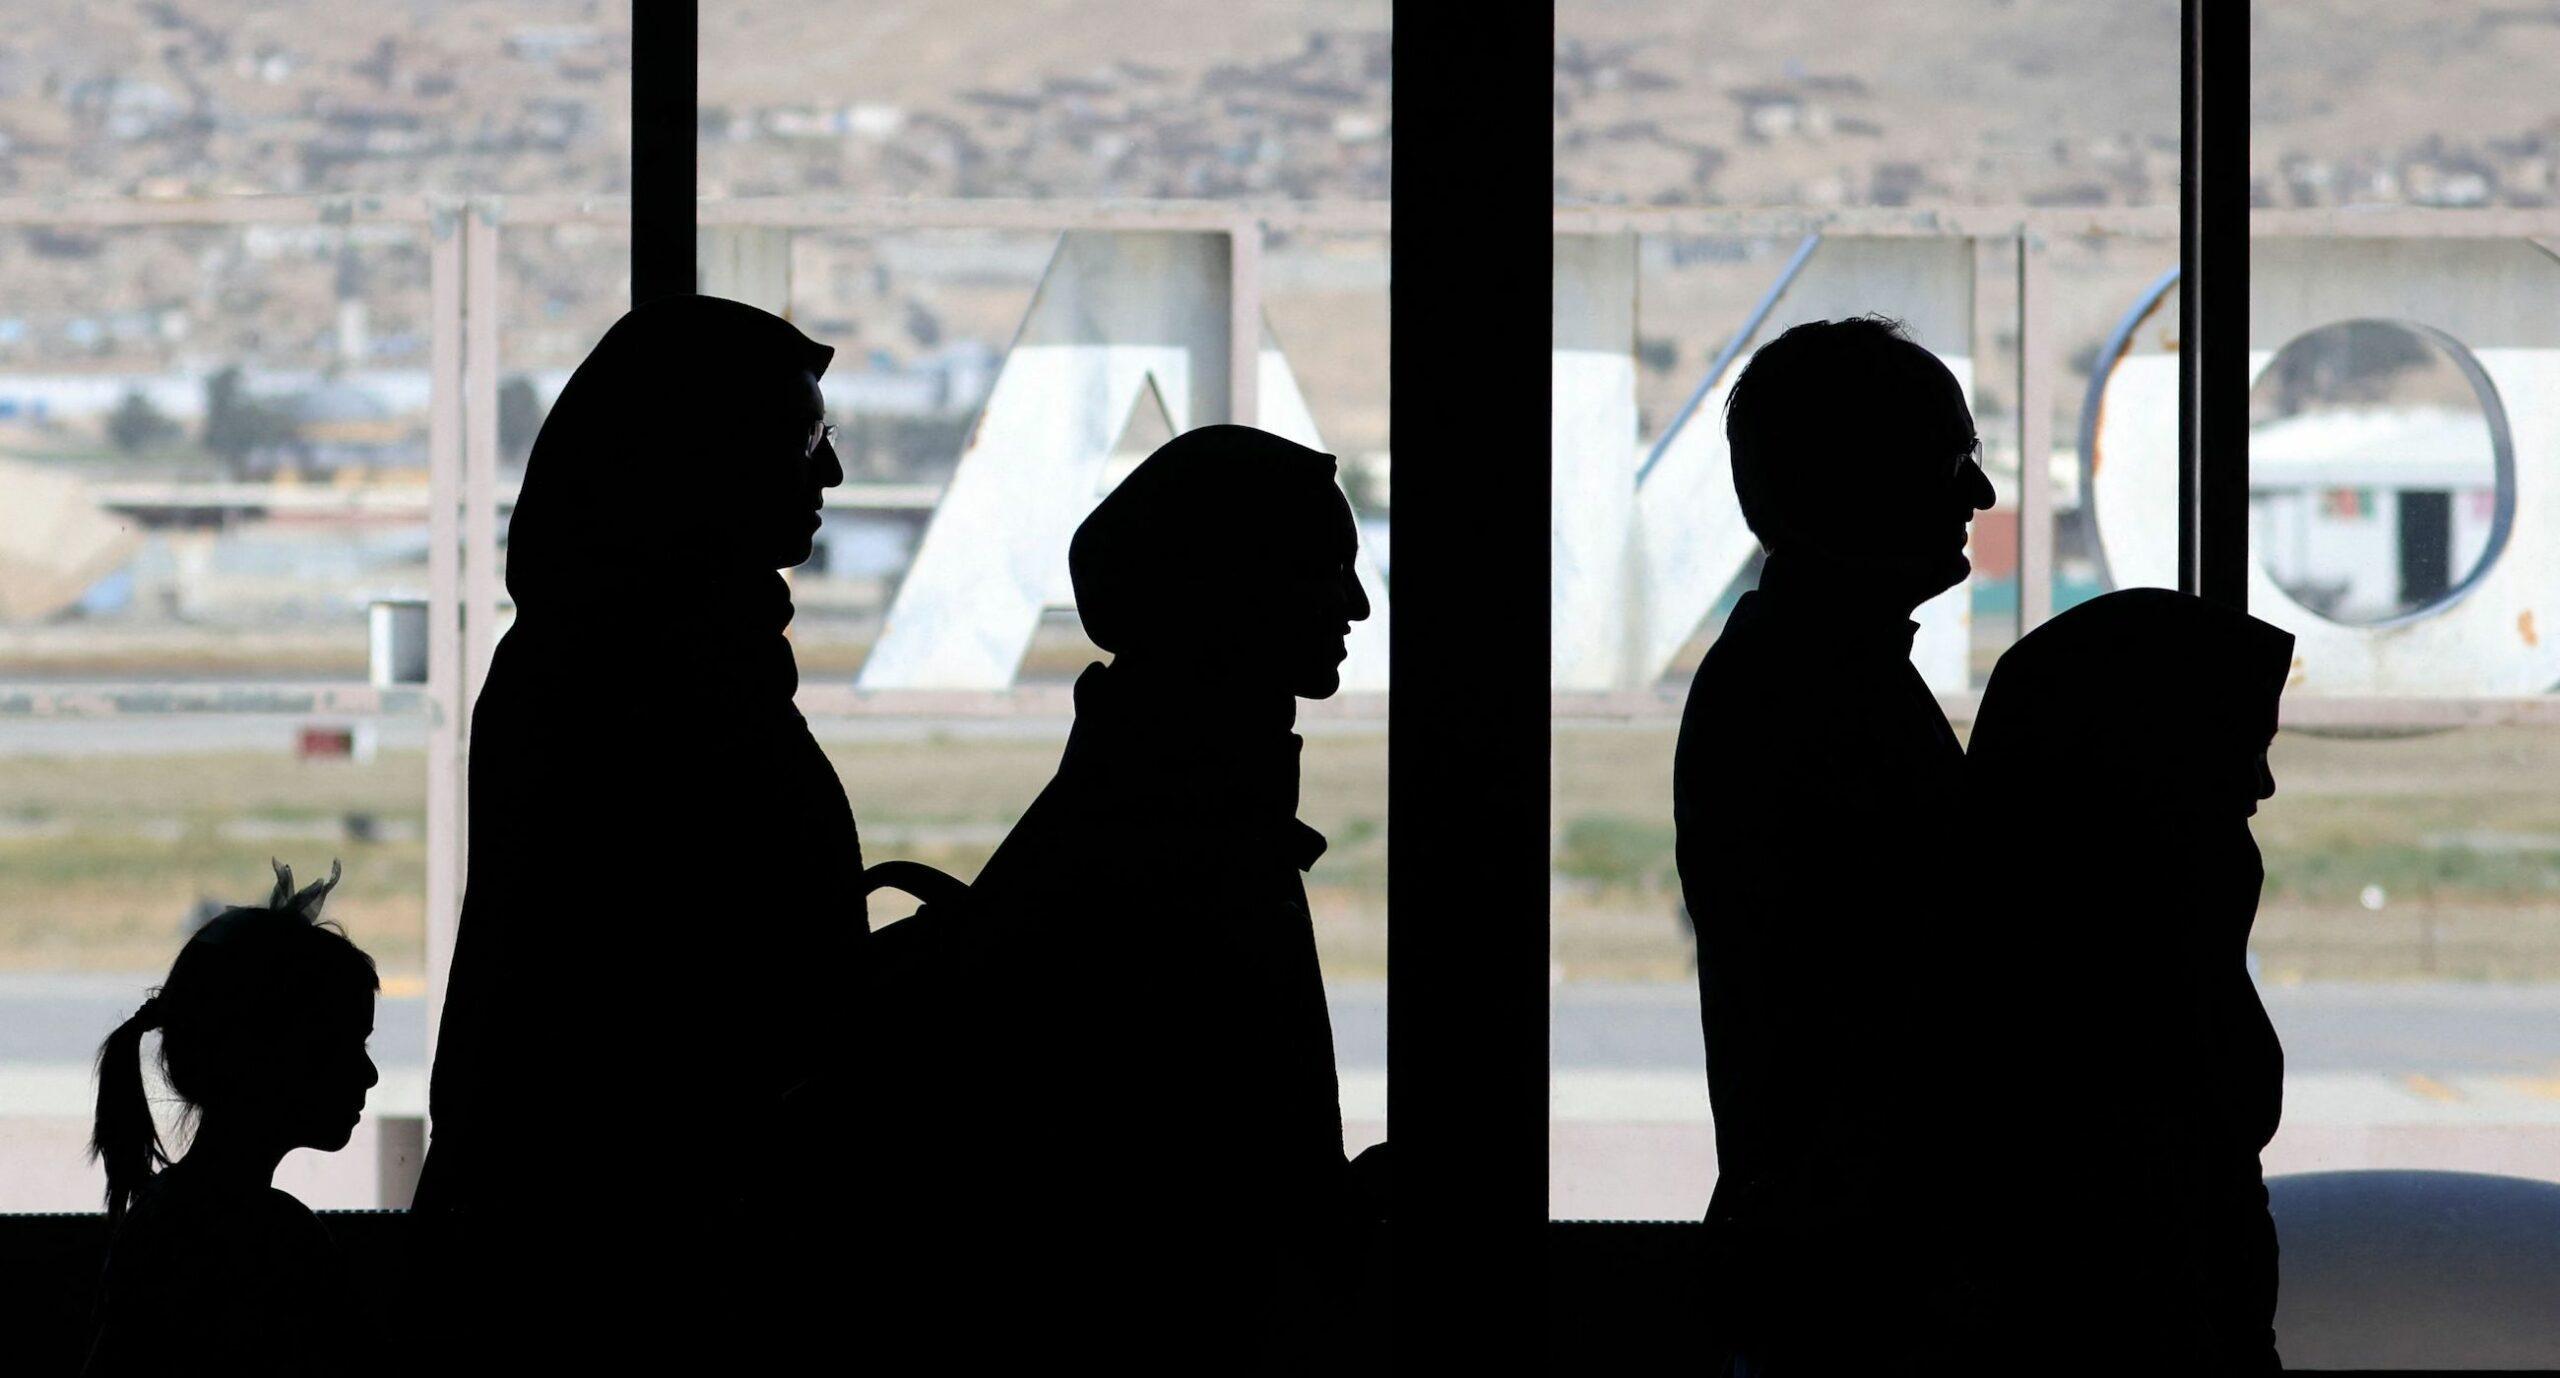 В Україну збирається летіти евакуаційний рейс з Афганістану. Попередня спроба забрати громадян провалилася через підроблені документи